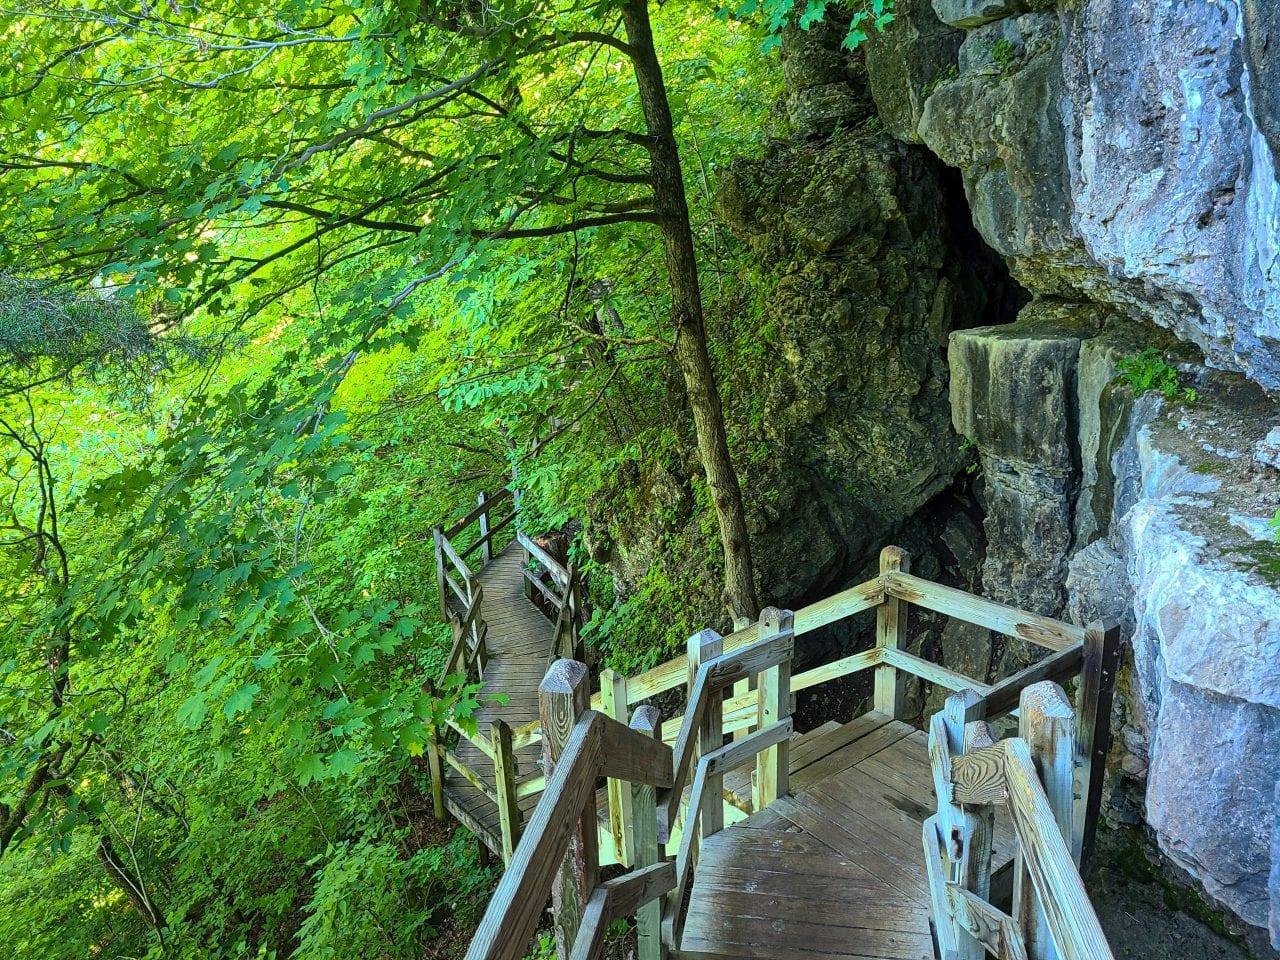 Ha Ha Tonka State Park hiking Missouri-2